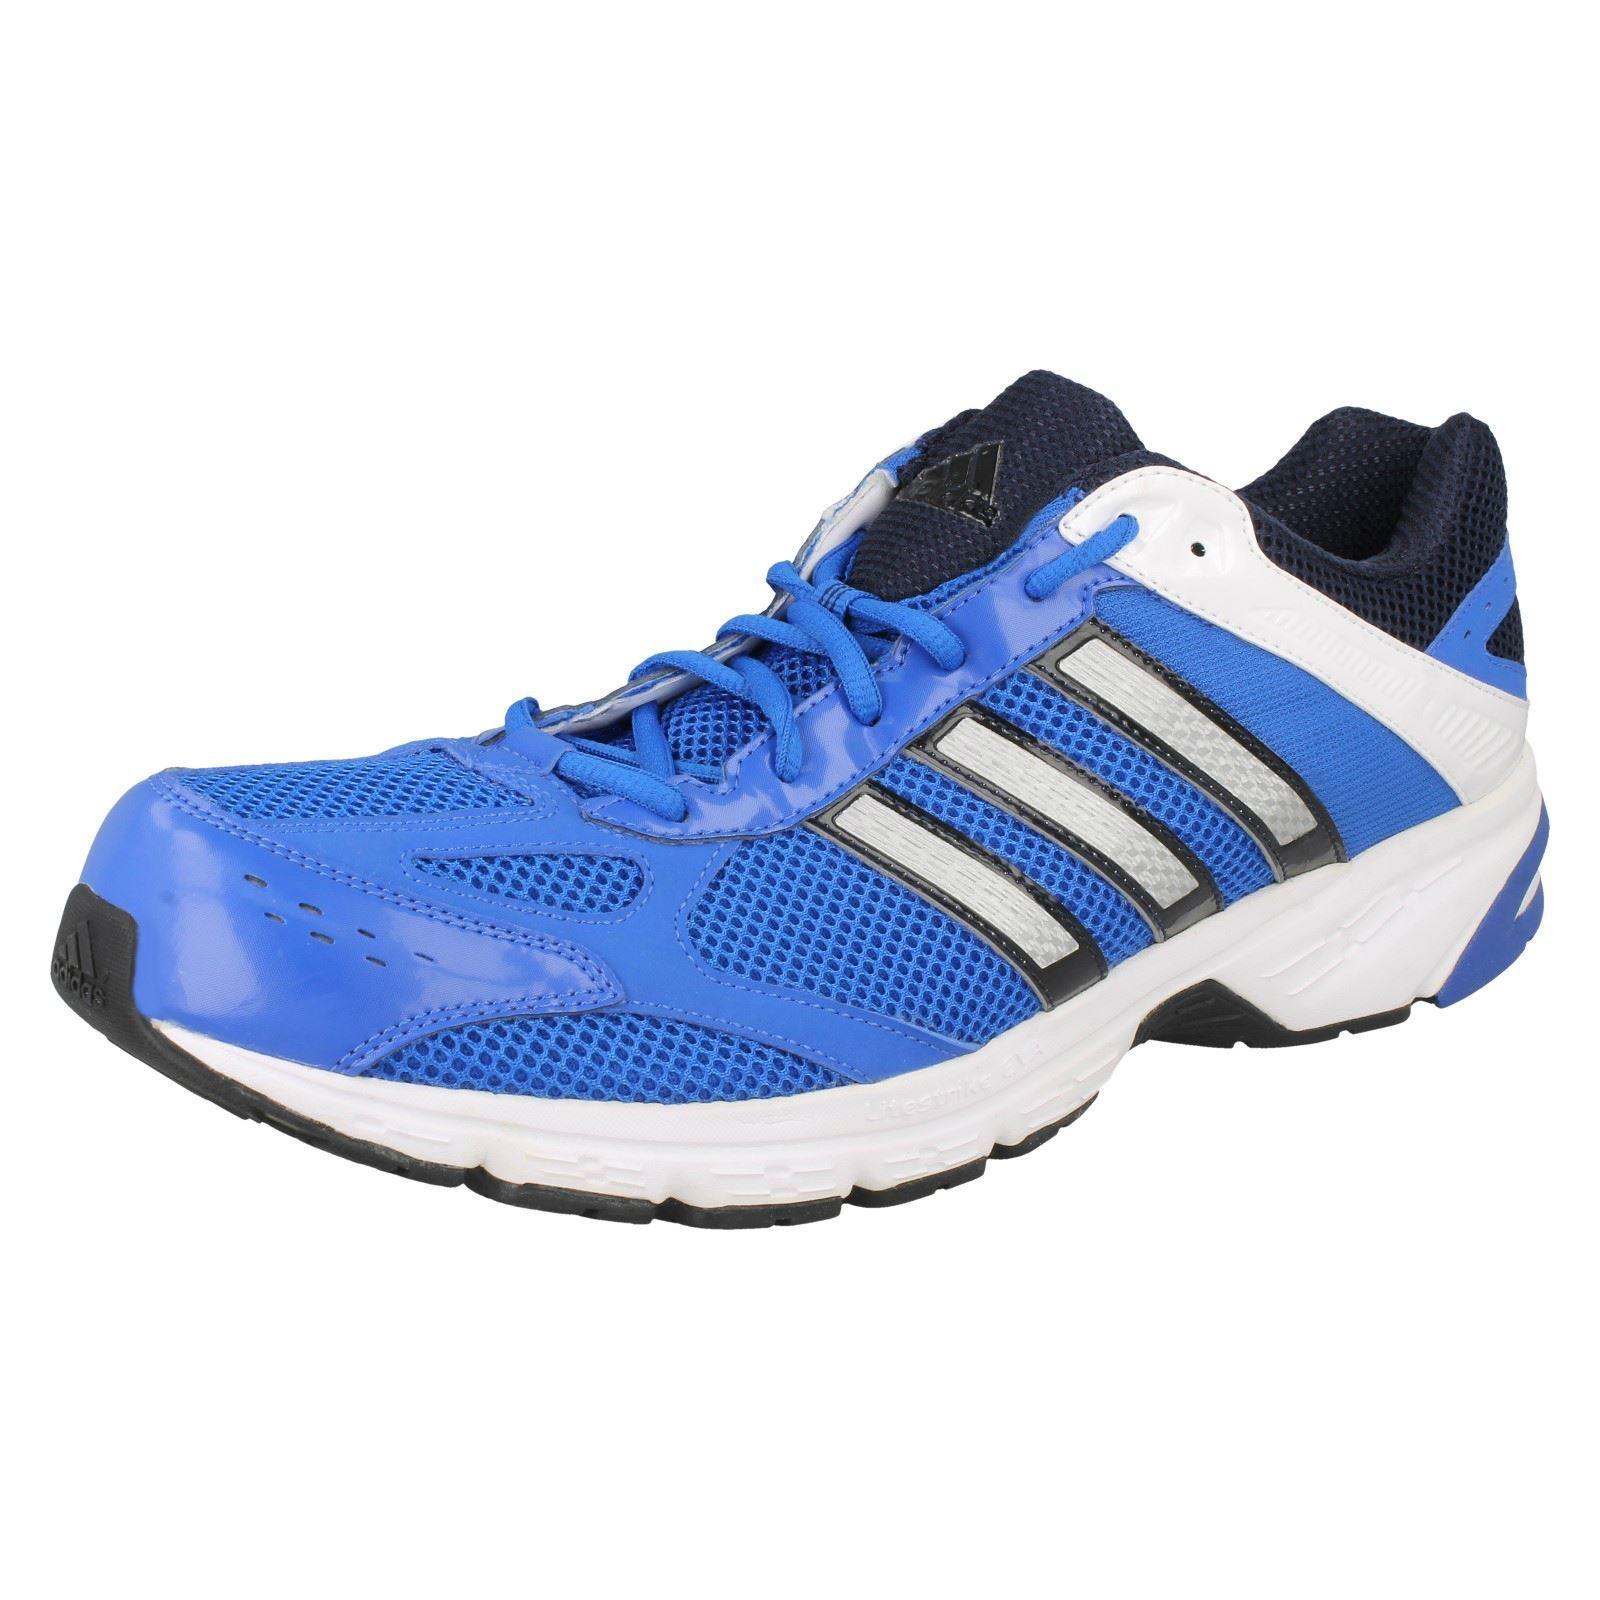 Adidas Hombre Azul Negro Plateado Cordones Zapatillas Duramo - UK 14.5Us 15